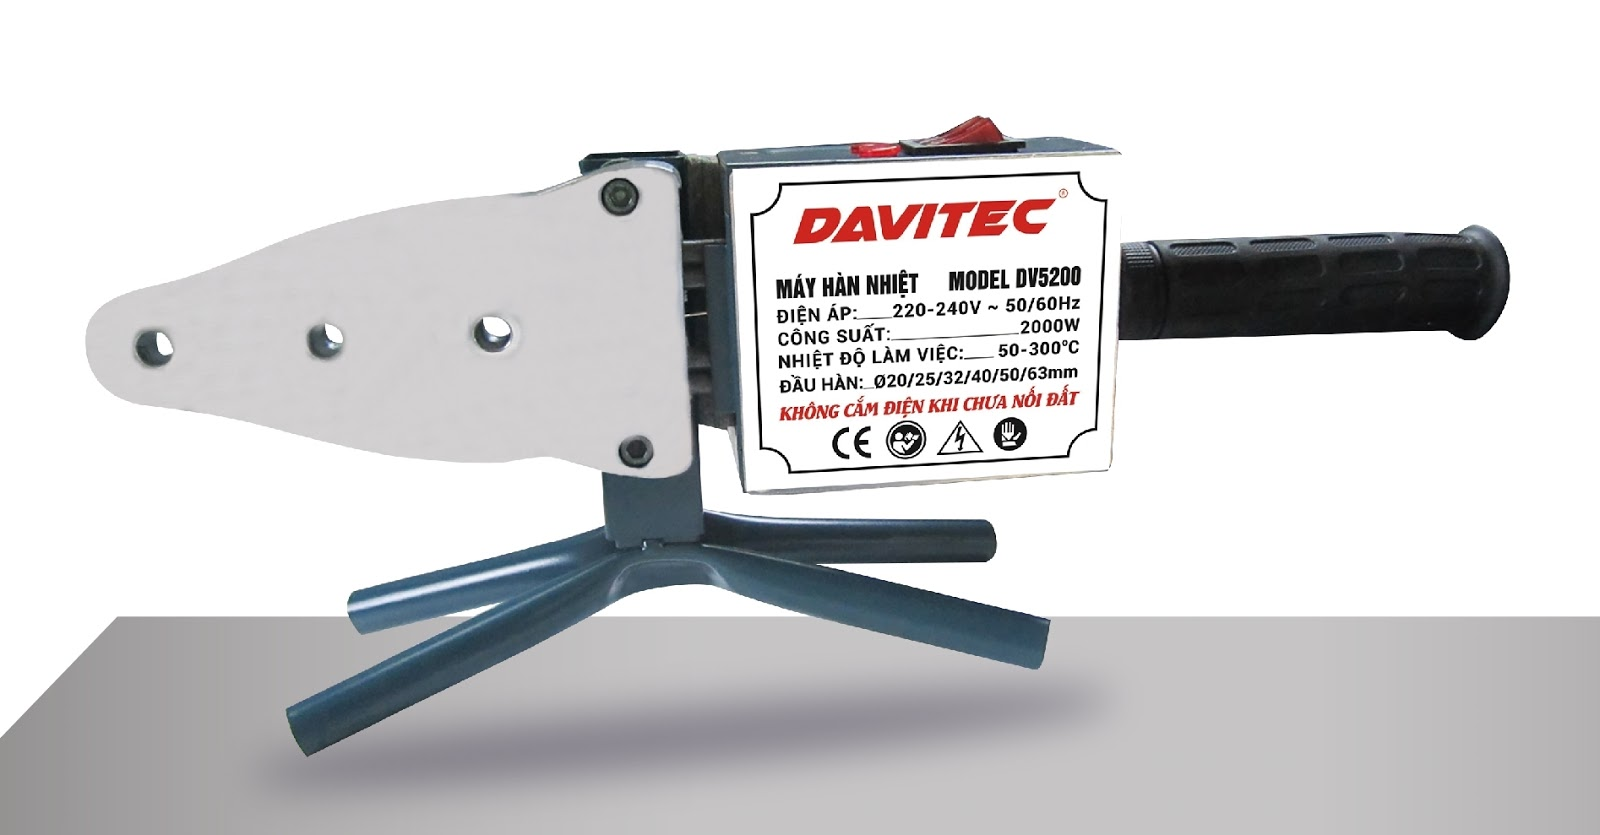 Máy hàn nhiệt Davitec DV5200